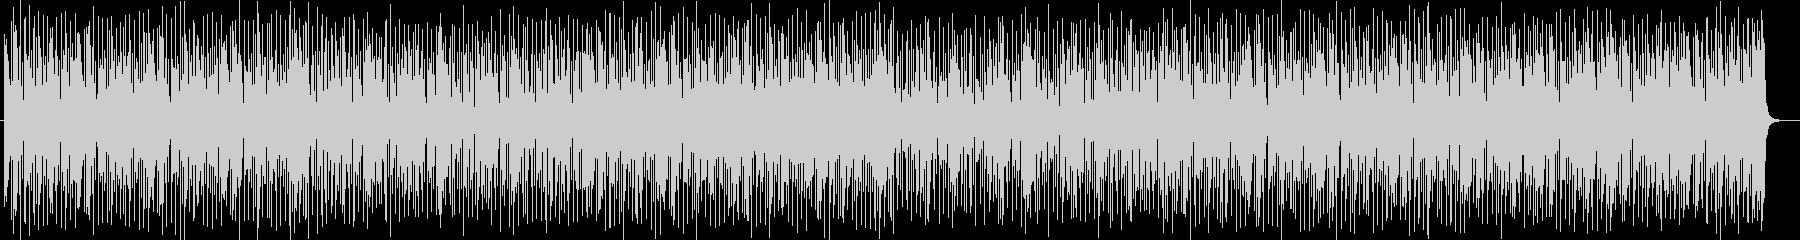 明るくトロピカルなシンセサイザーサウンドの未再生の波形